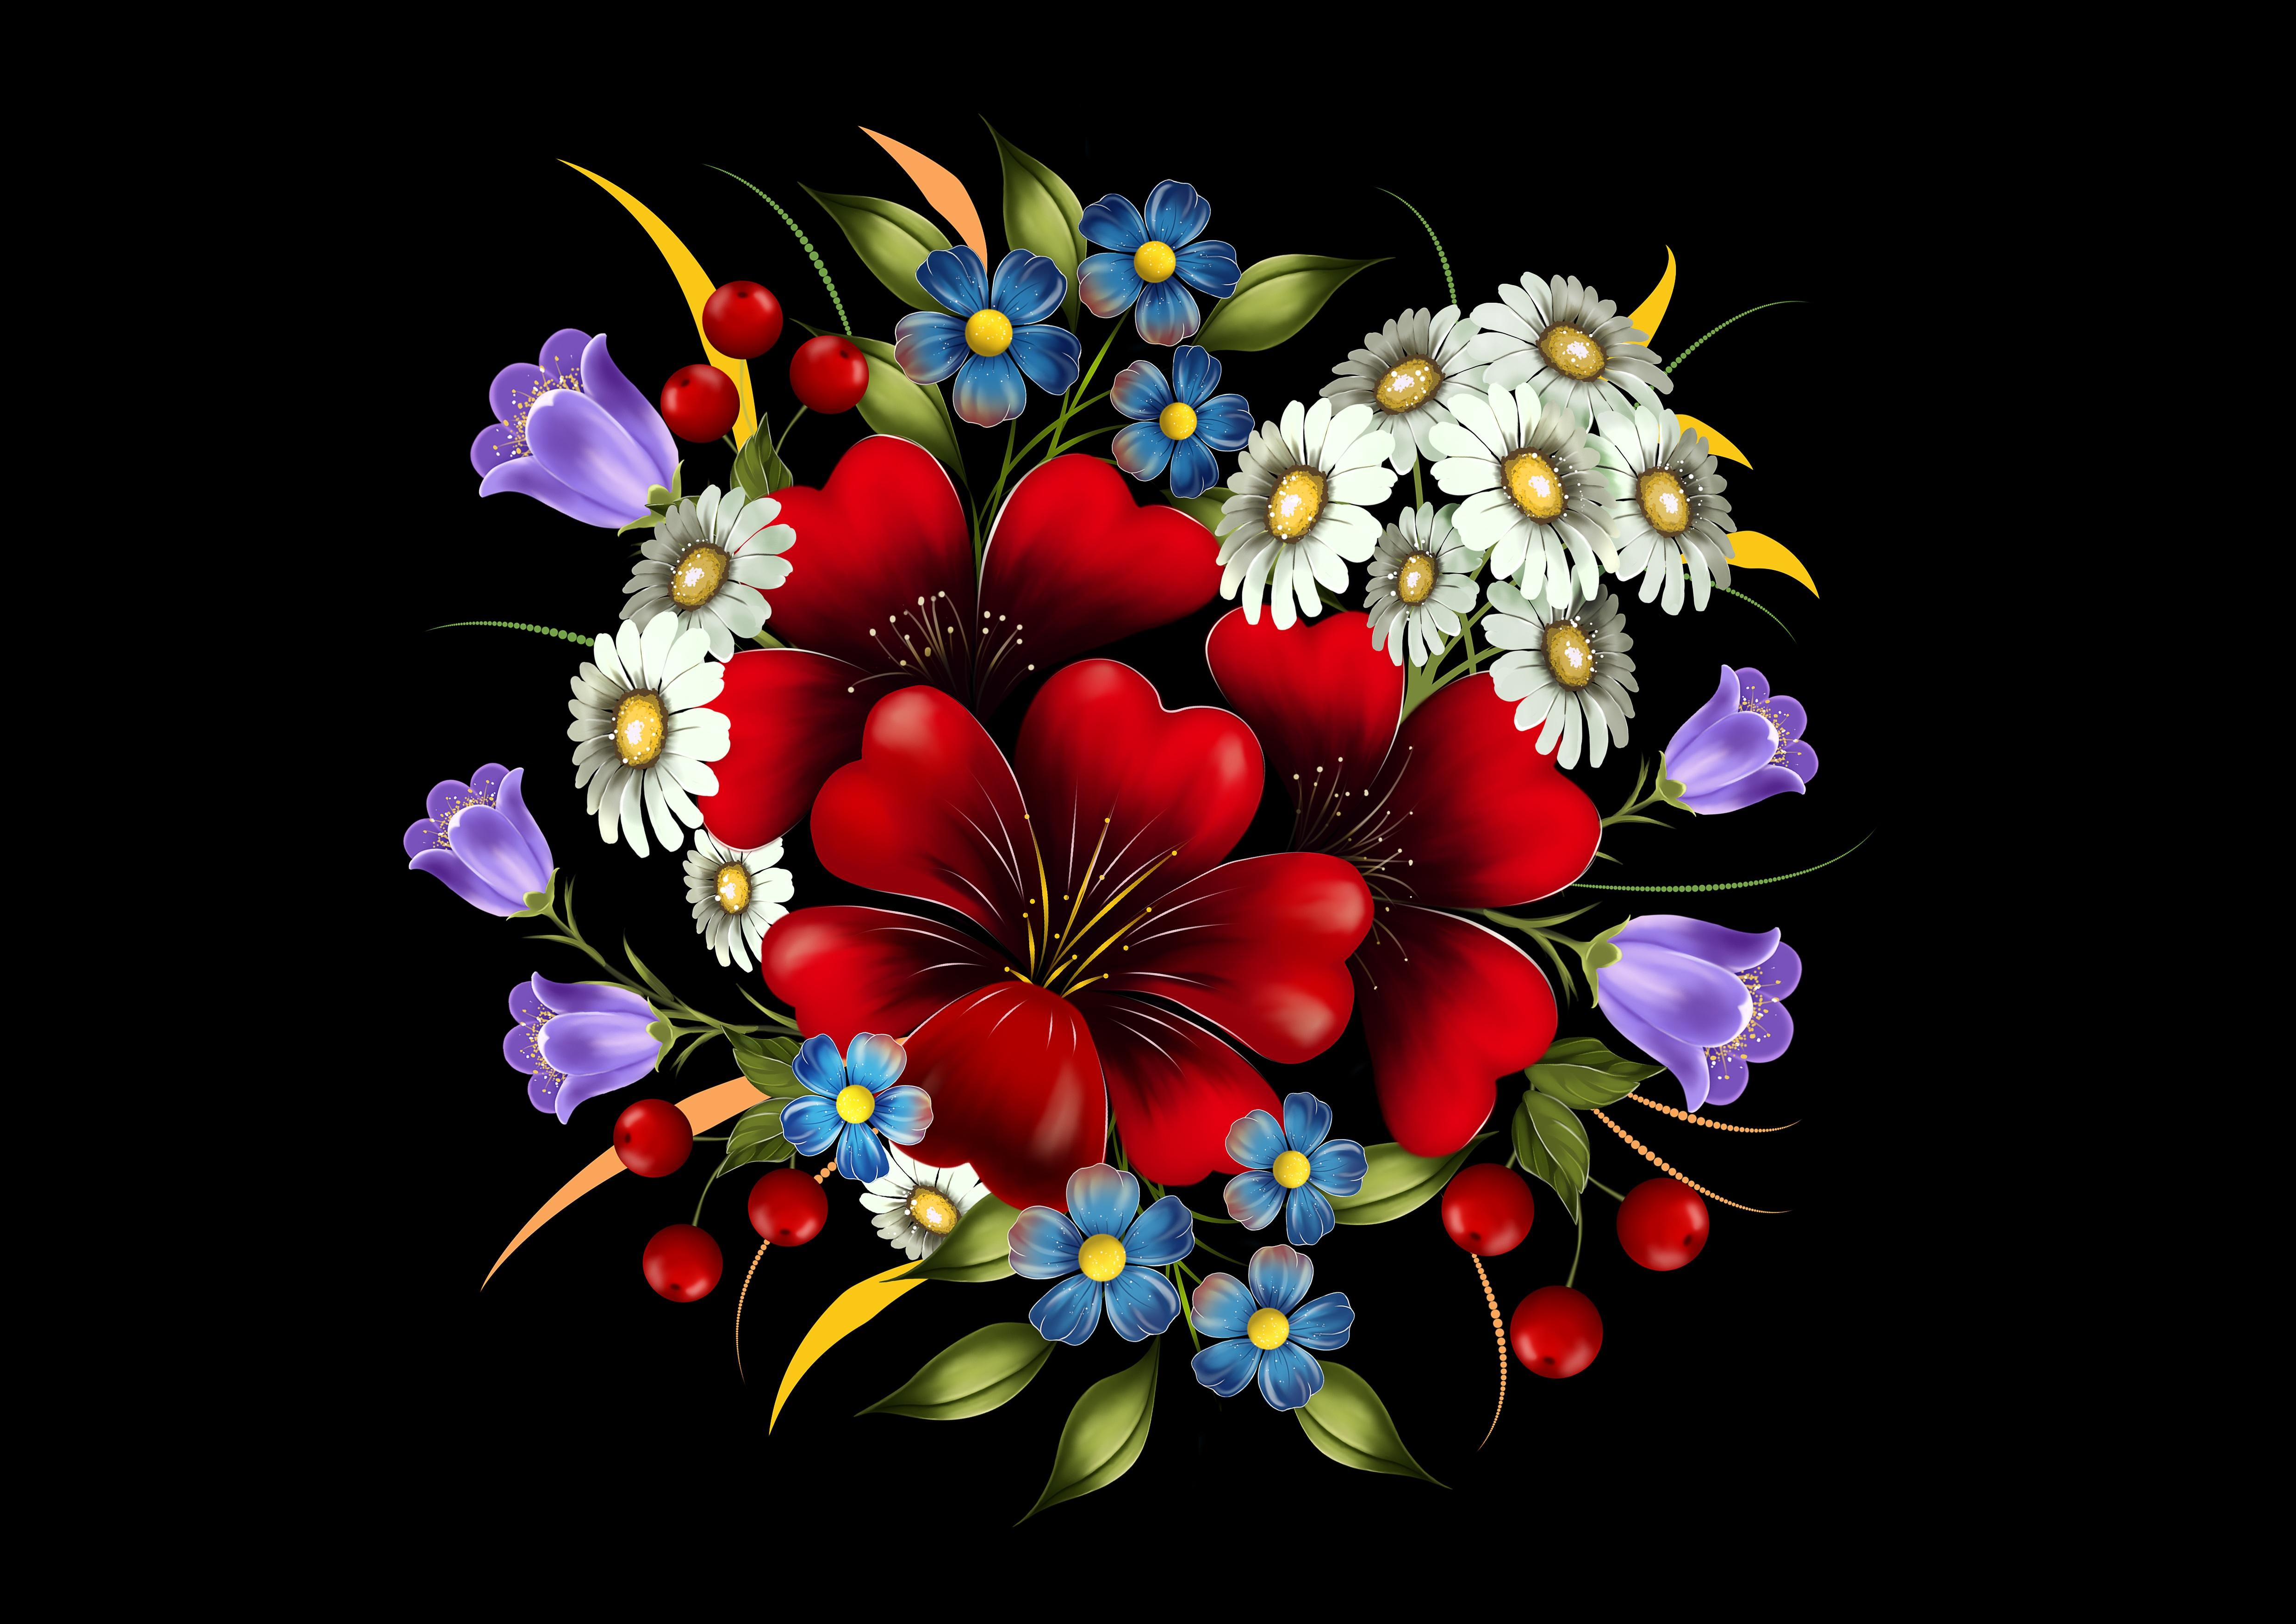 55435 скачать обои Цветы, Букет, Композиция, Арт - заставки и картинки бесплатно